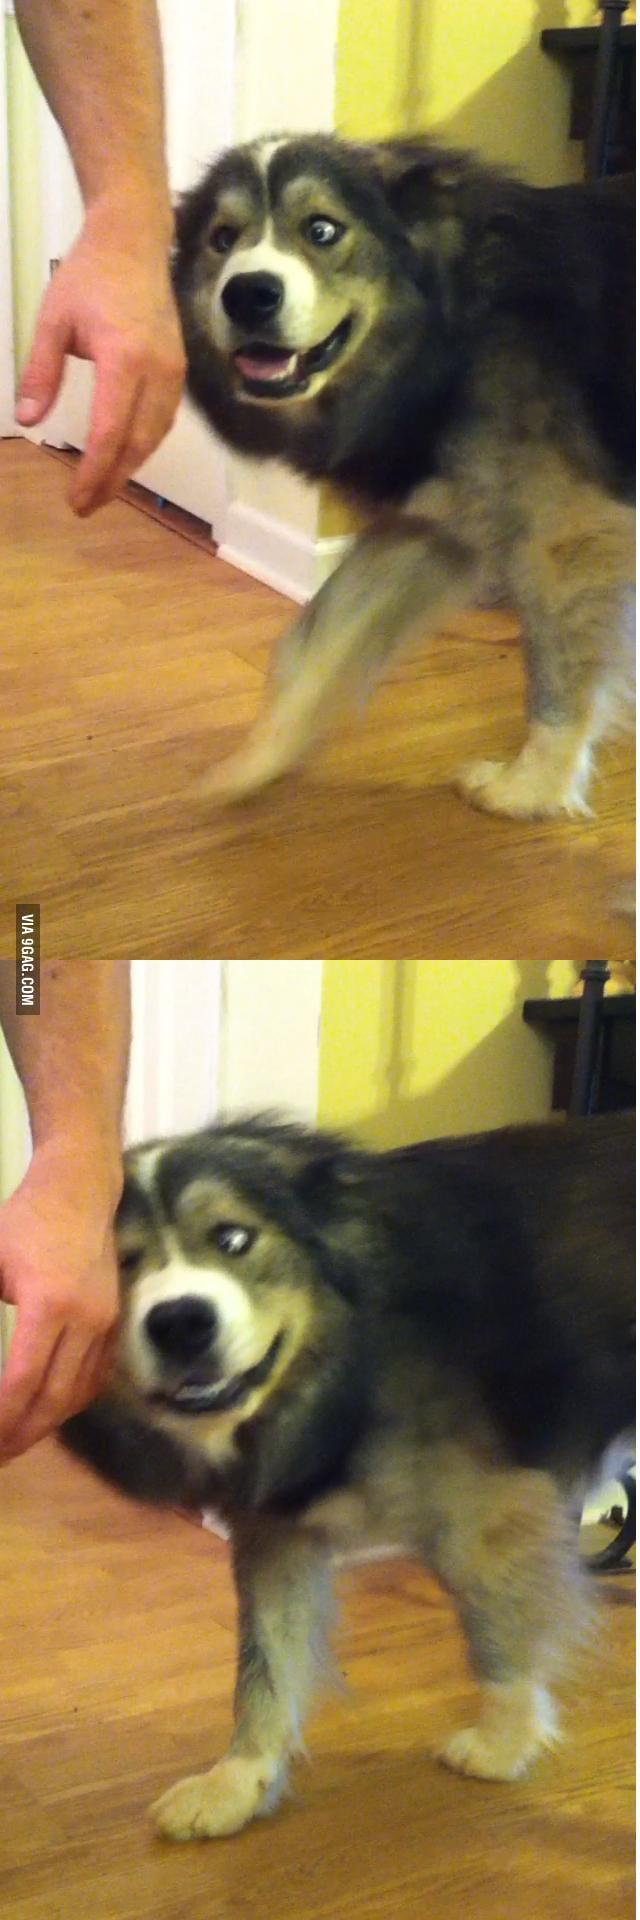 Hand, pet me!